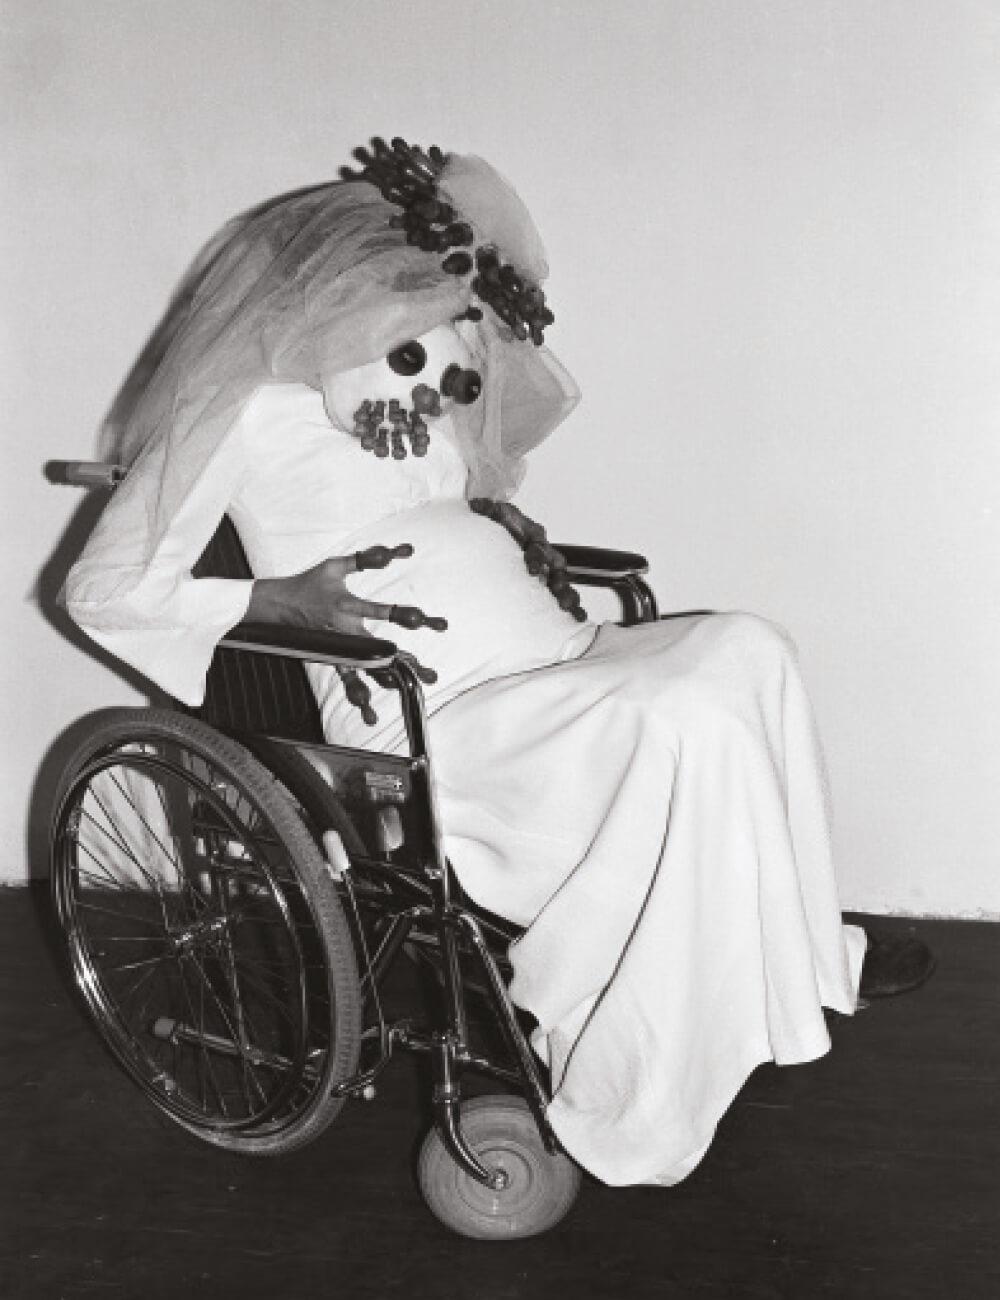 오스트리아관. 레나테 베르틀만, 'Die Schwangere Braut', 1978, Schwarz-Weiß-Fotografie auf Barytpapier, diverse Maße. © Renate Bertlmann Foto: Renate Bertlmann